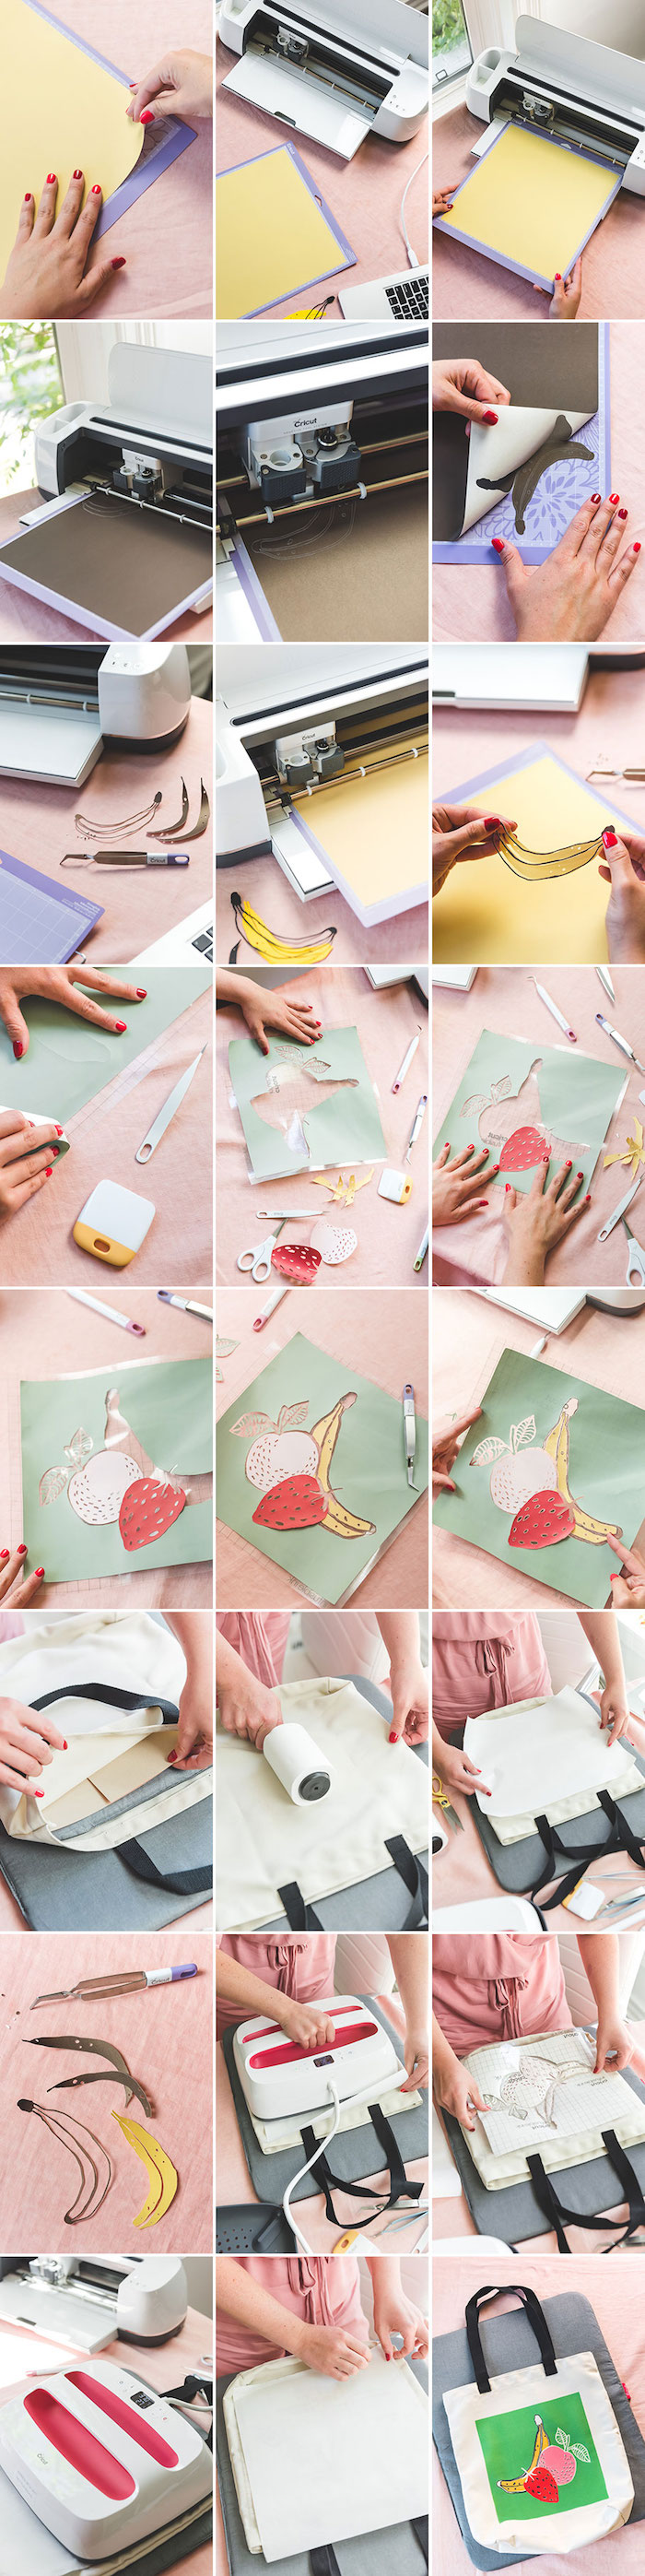 Comment travailler avec du cricut diy facile, modèle de sac en tissu a faire soi meme, faire un sticker en tissu pour mettre sur le sac